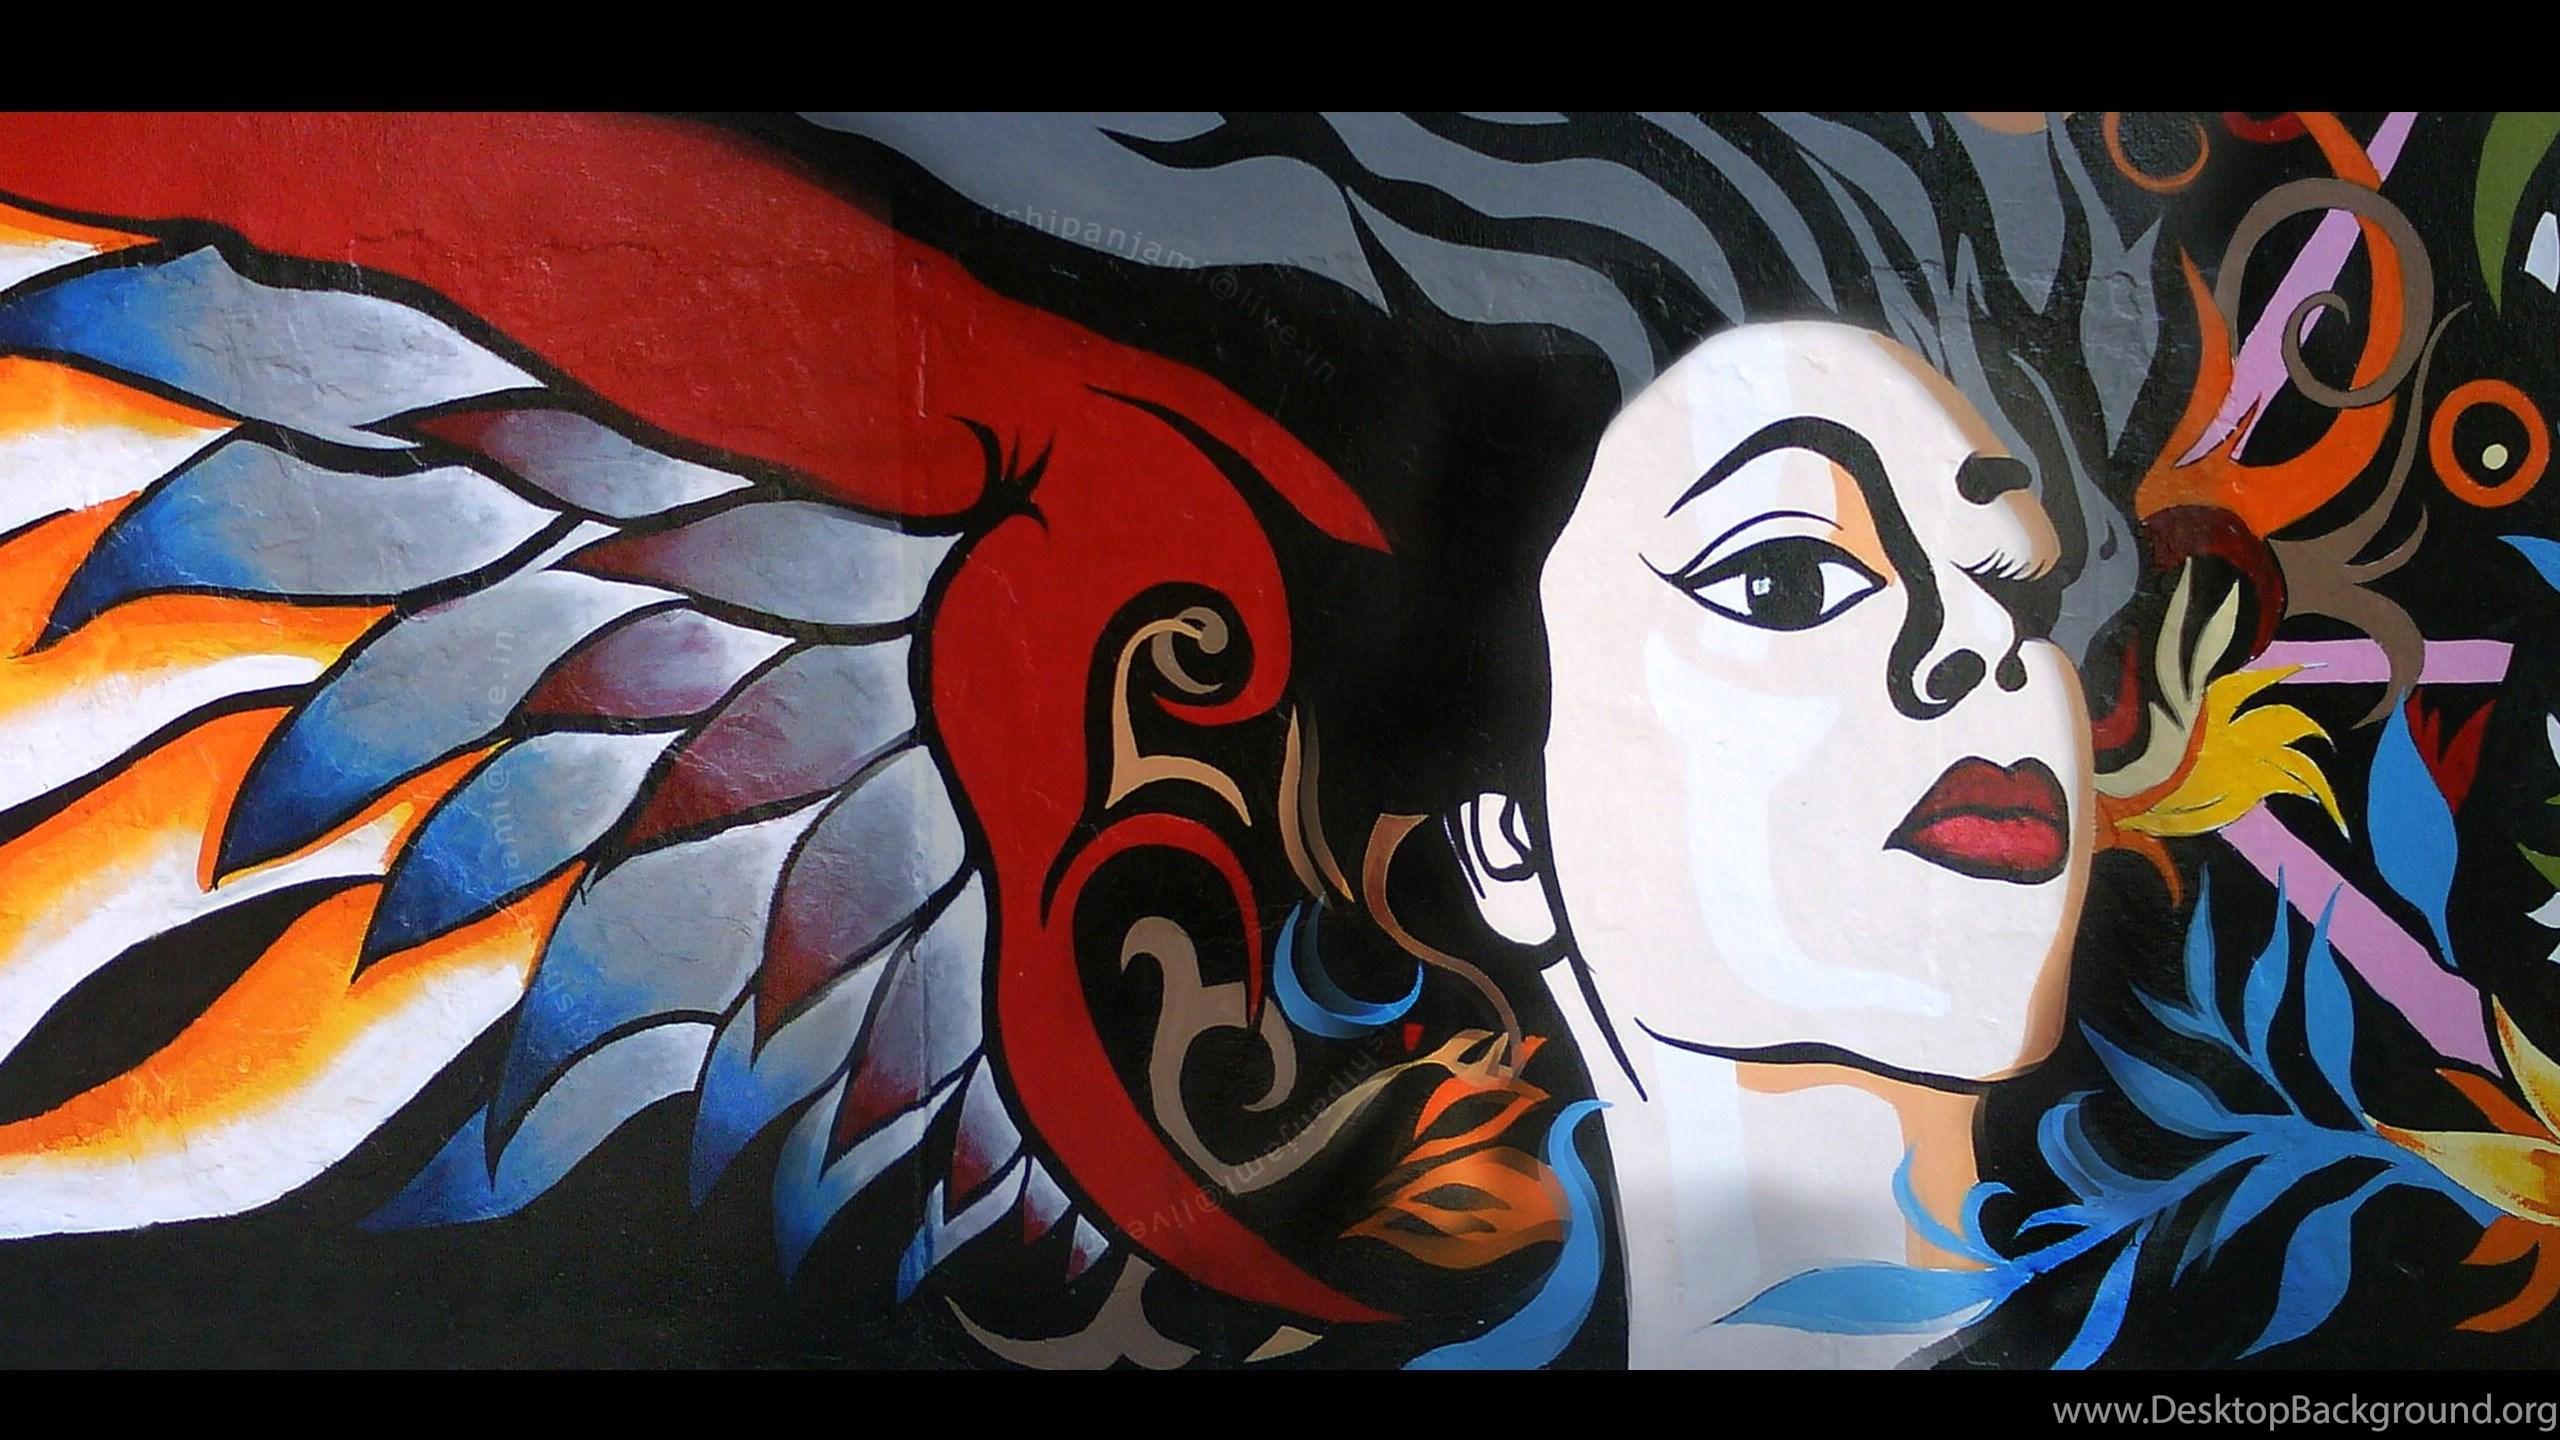 Graffiti 2D Art Wallpapers Desktop Background